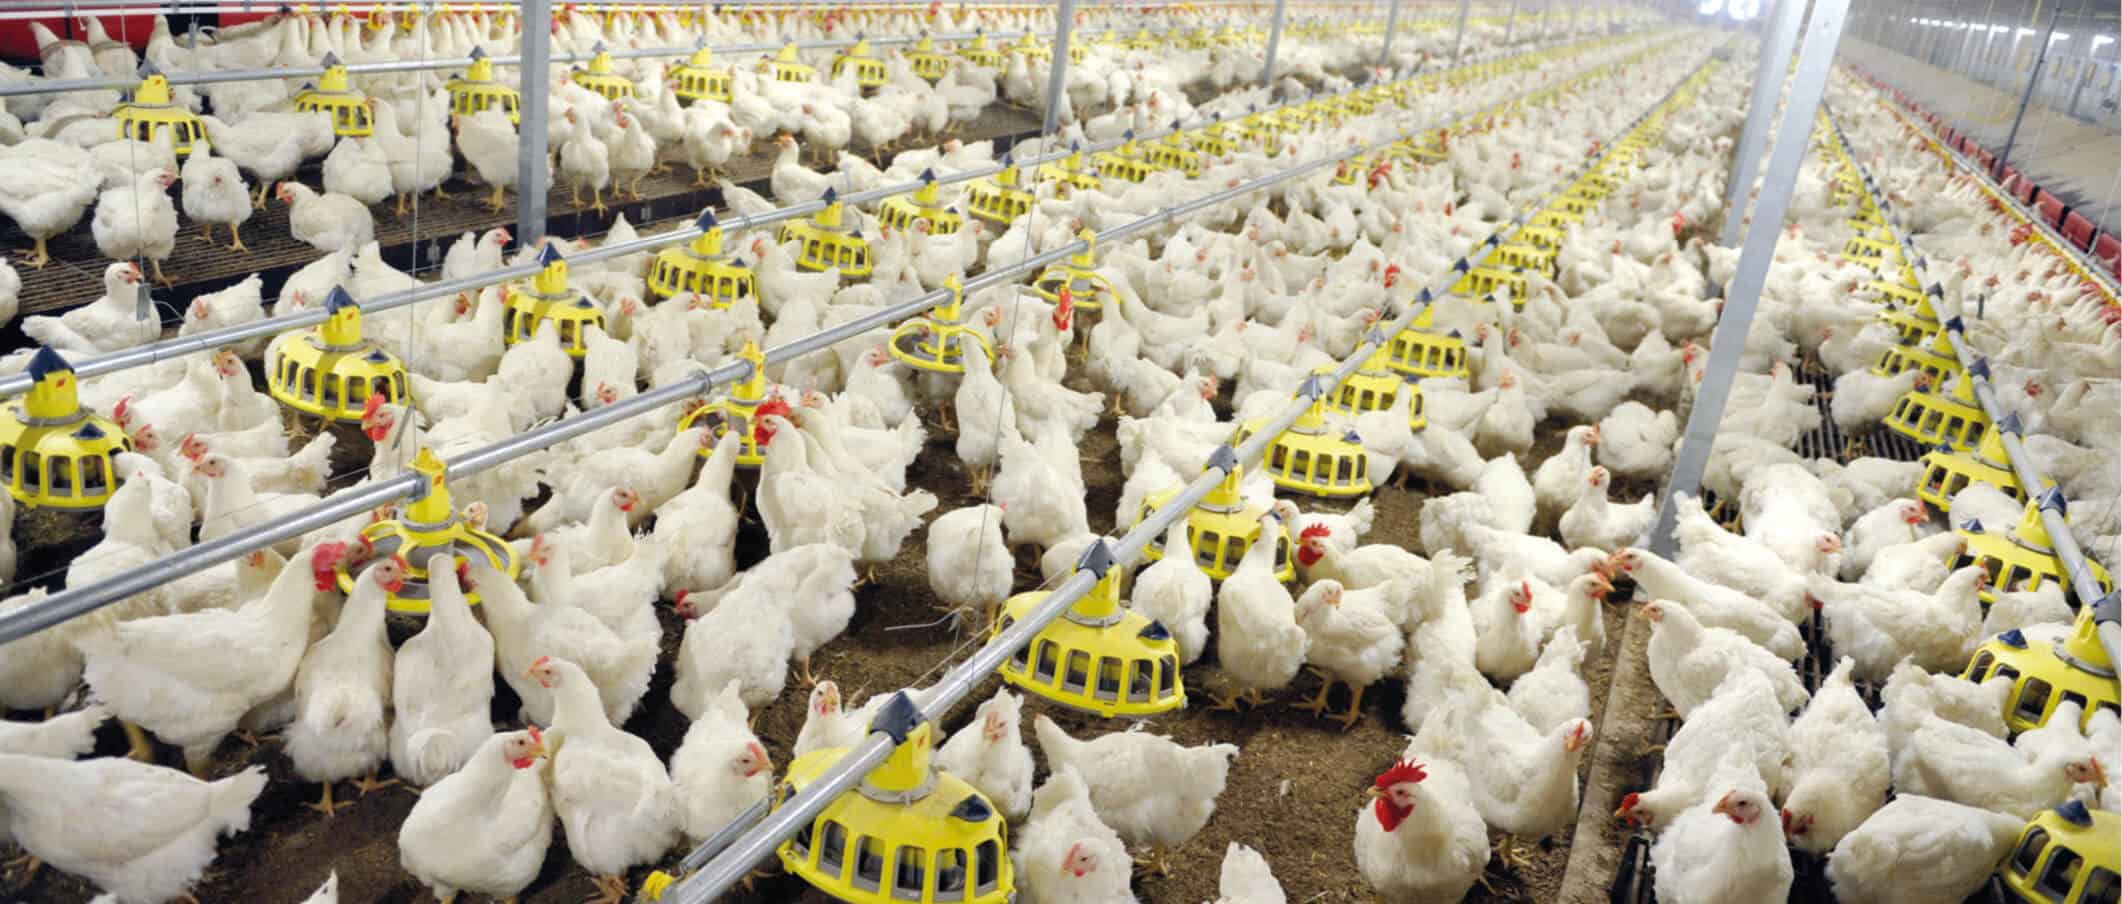 voer voor vleeskuikenouderdieren